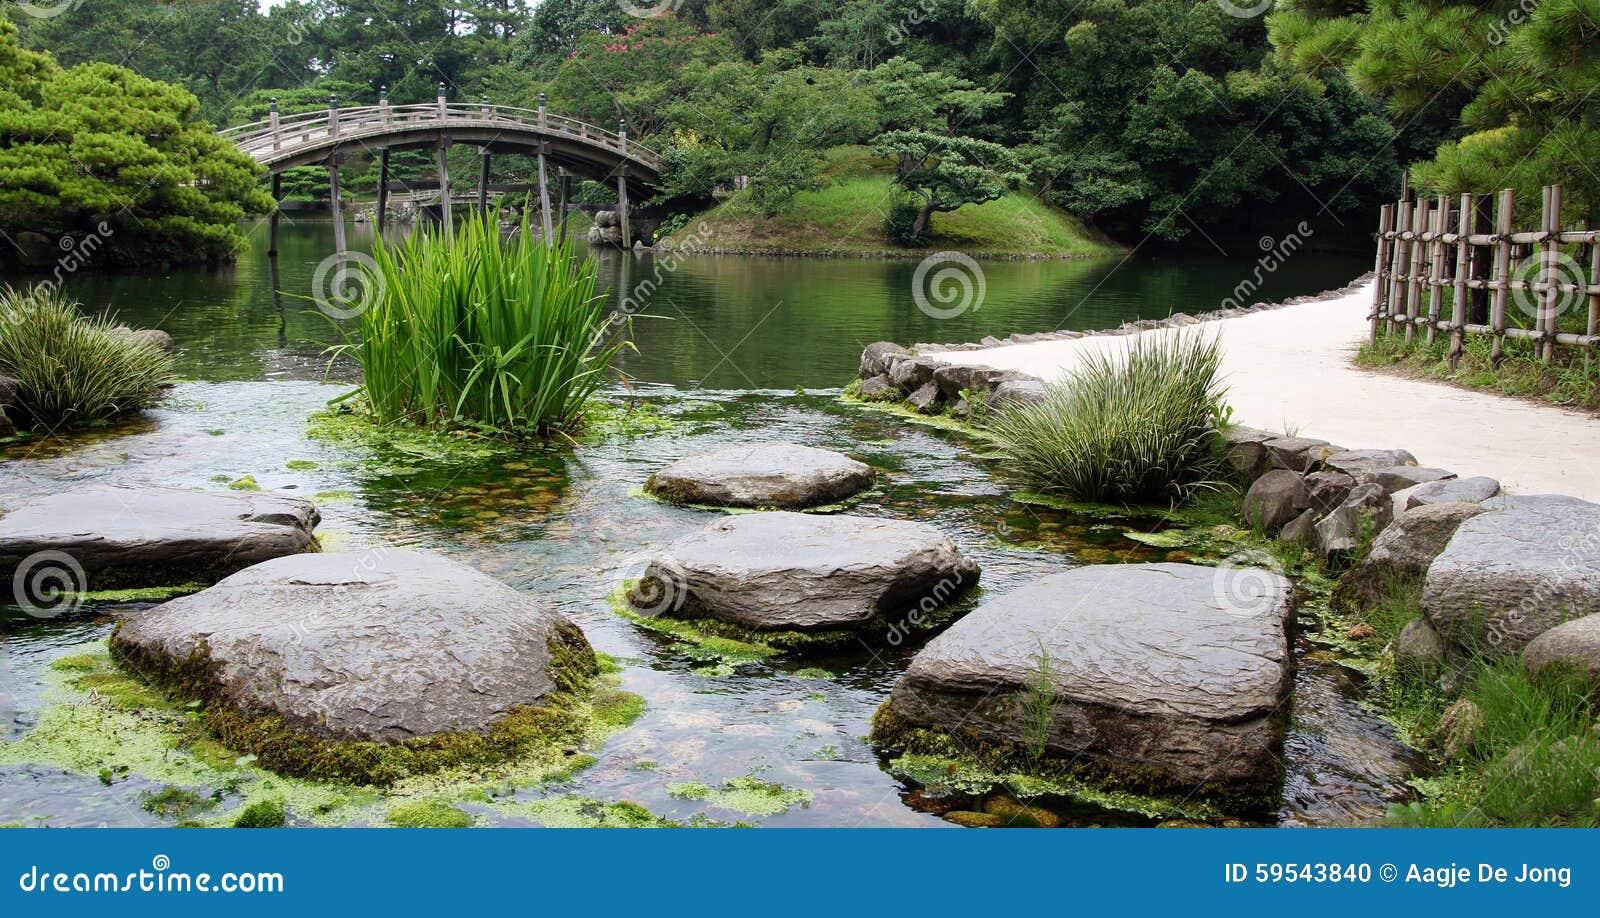 Steine im teich von ritsurin koen garden takamatsu japan for Steine im teich